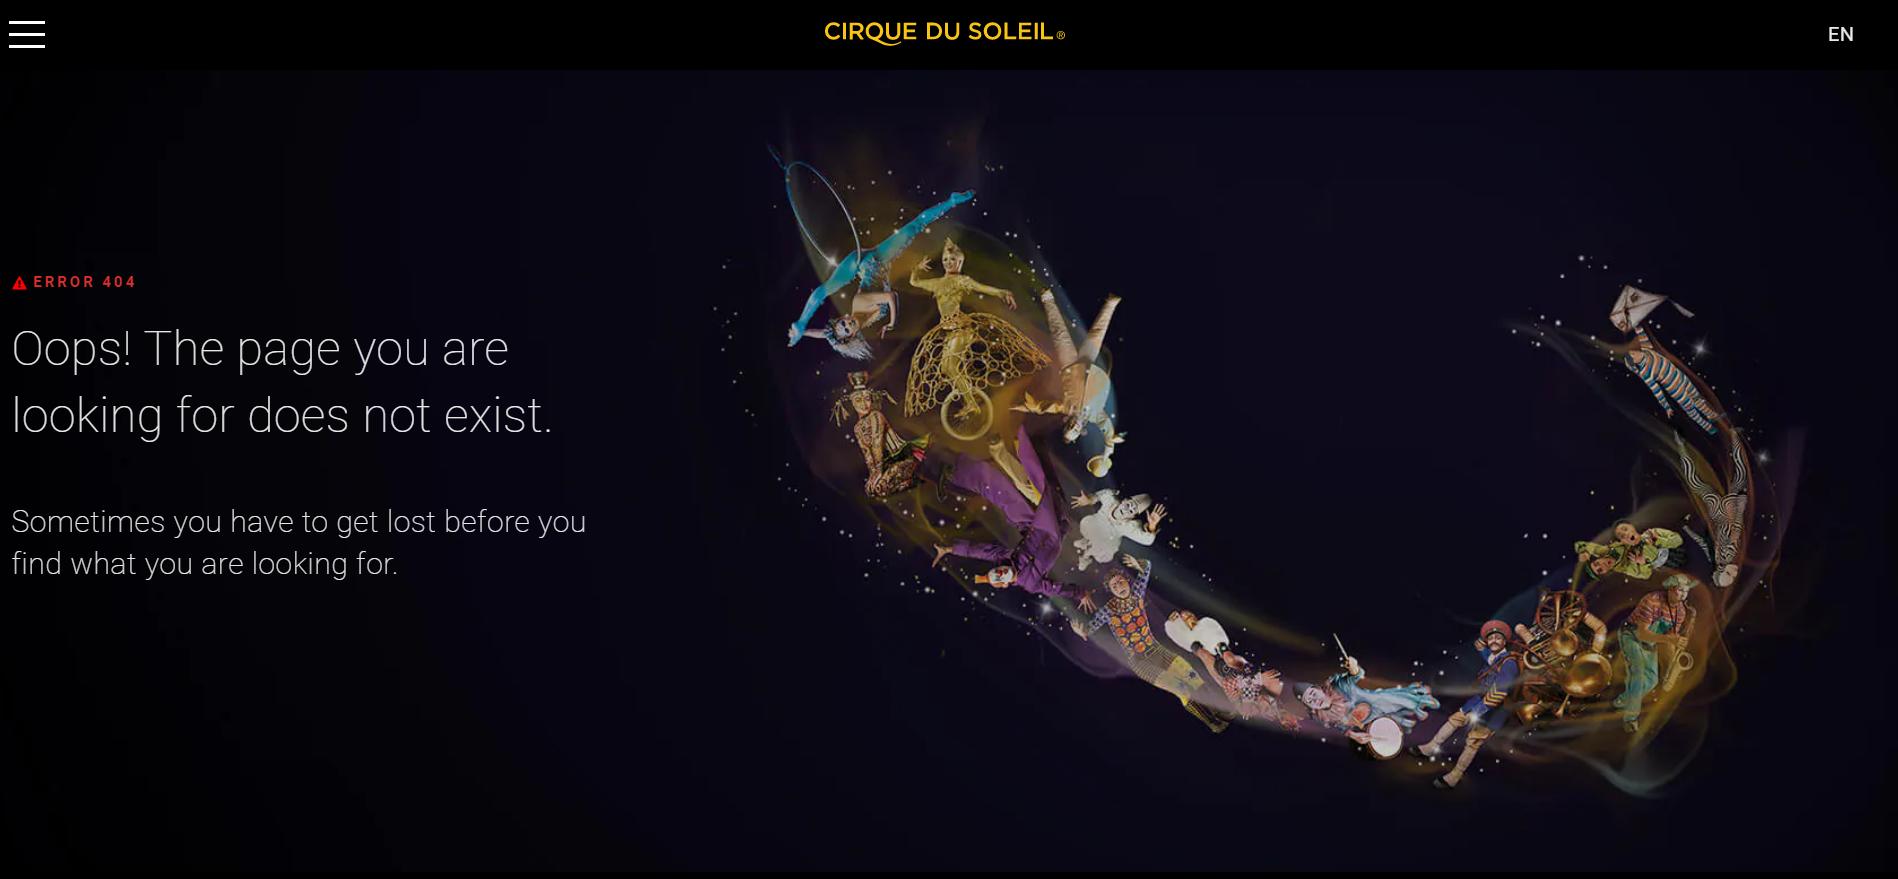 Error 404 Cirque du Soleil